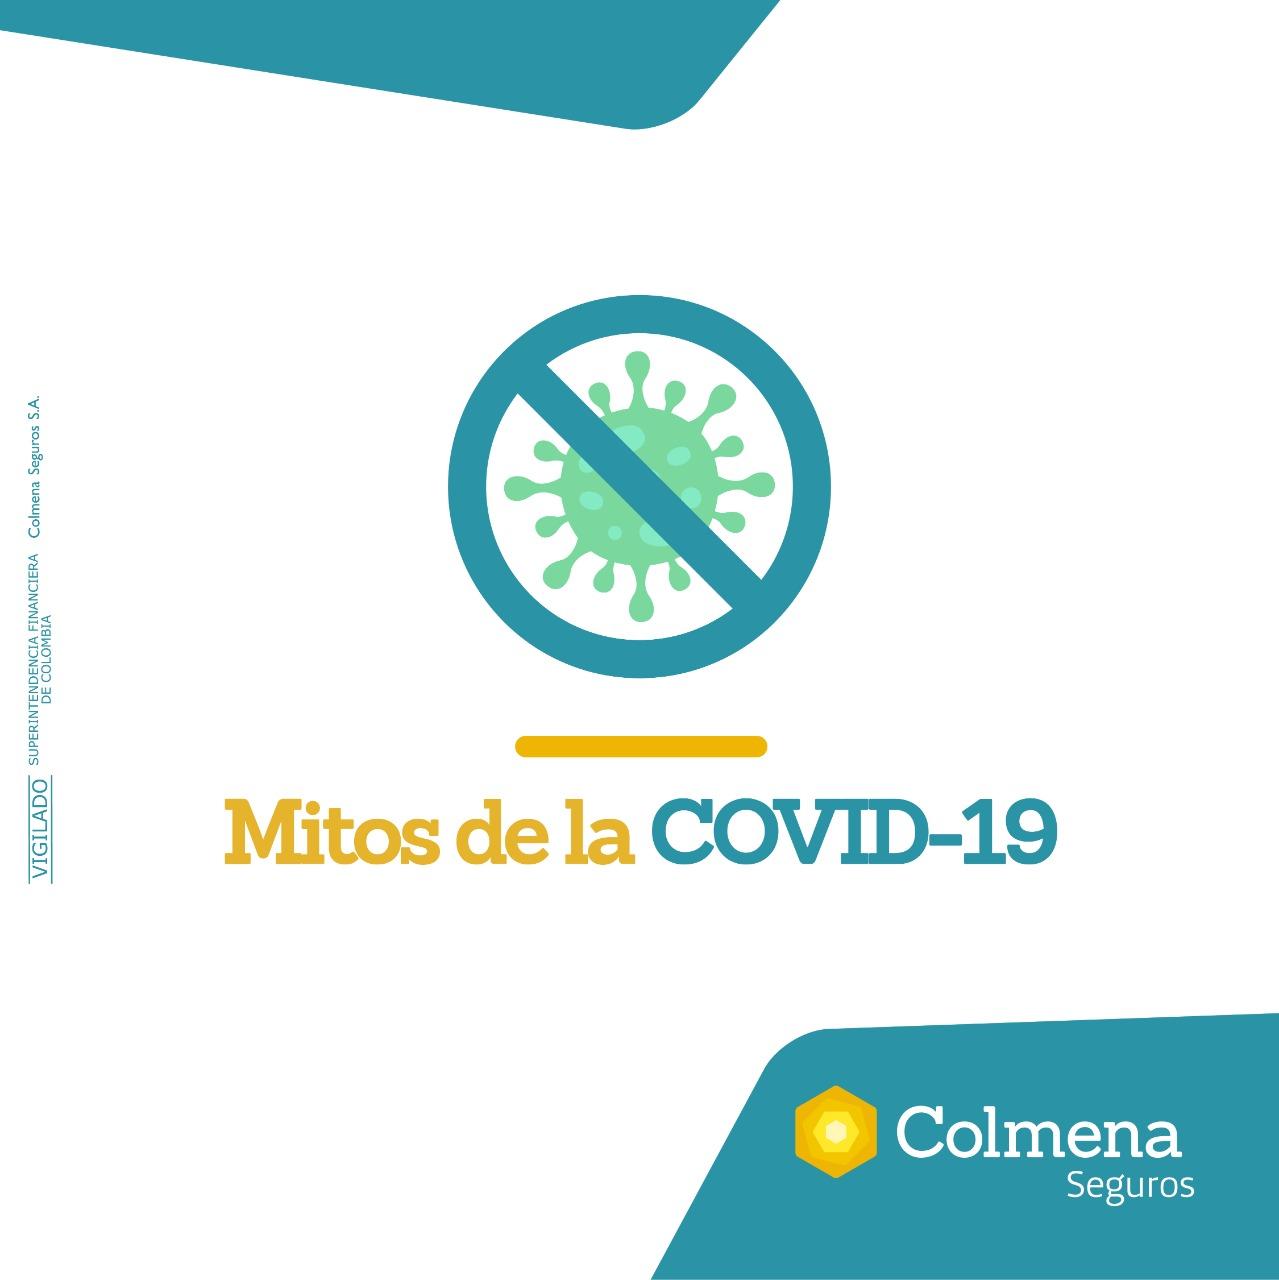 Mitos de la Covid 19